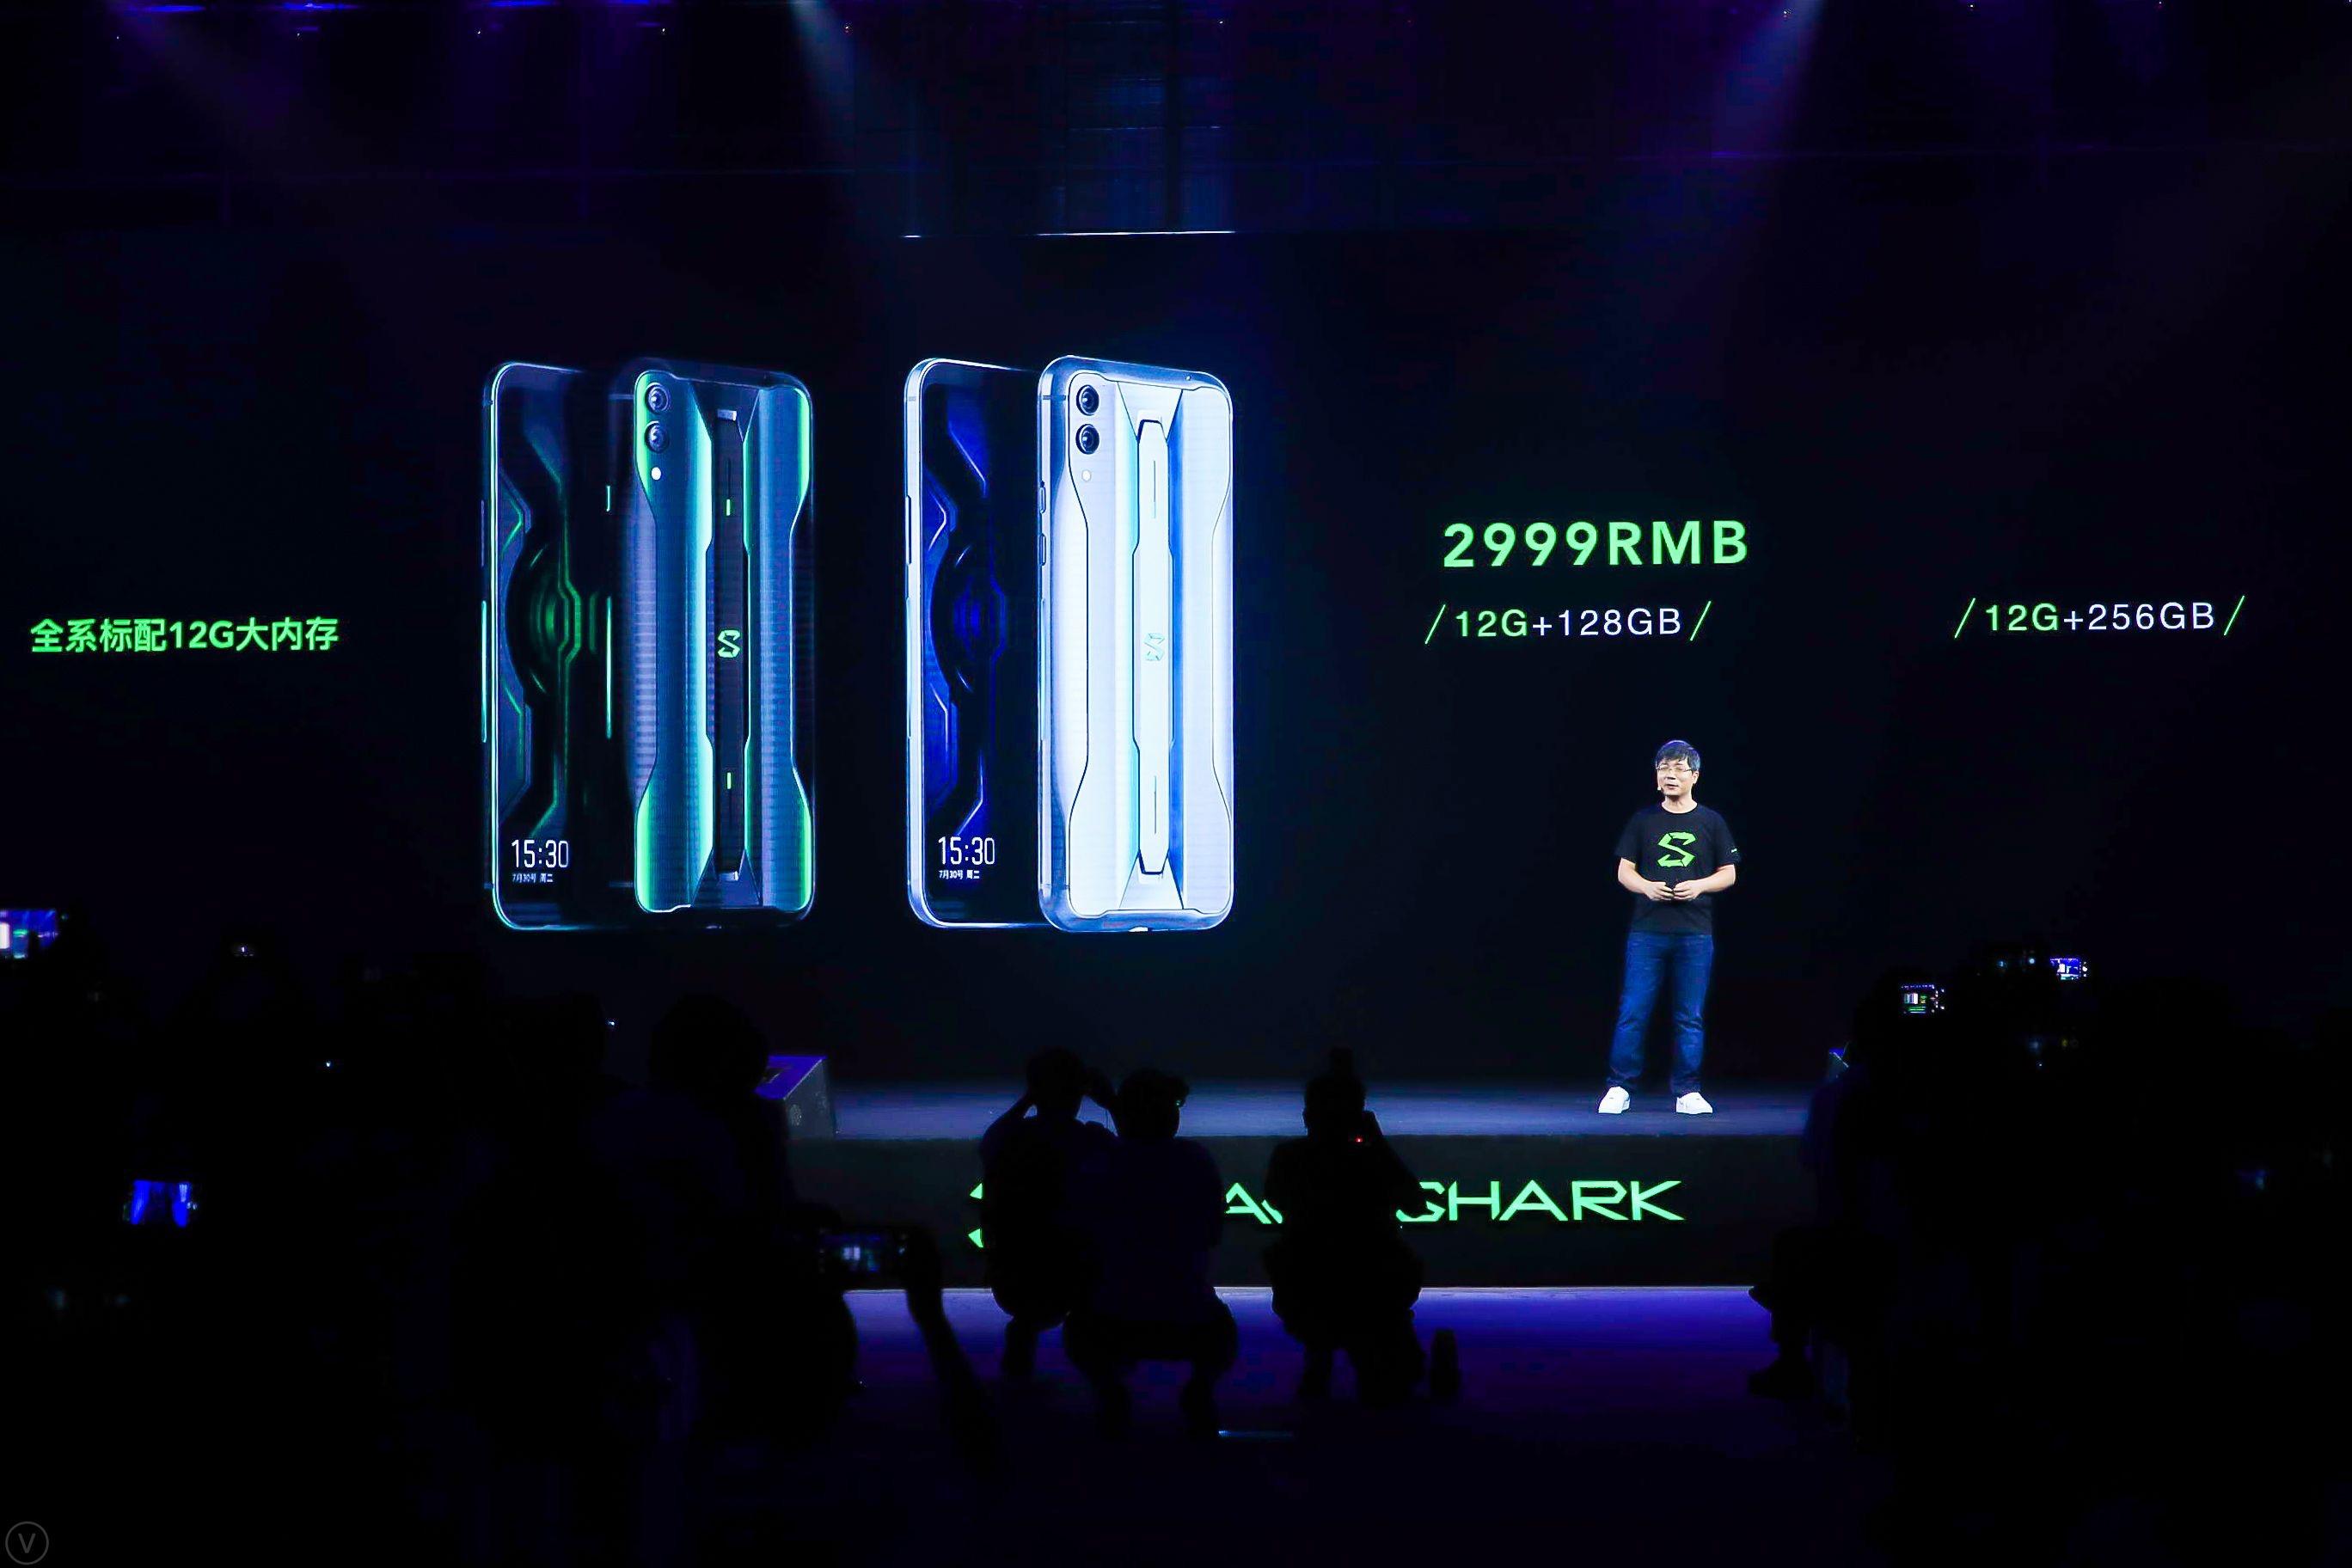 黑鲨游戏手机2 Pro发布:搭骁龙855 Plus,售2999元起